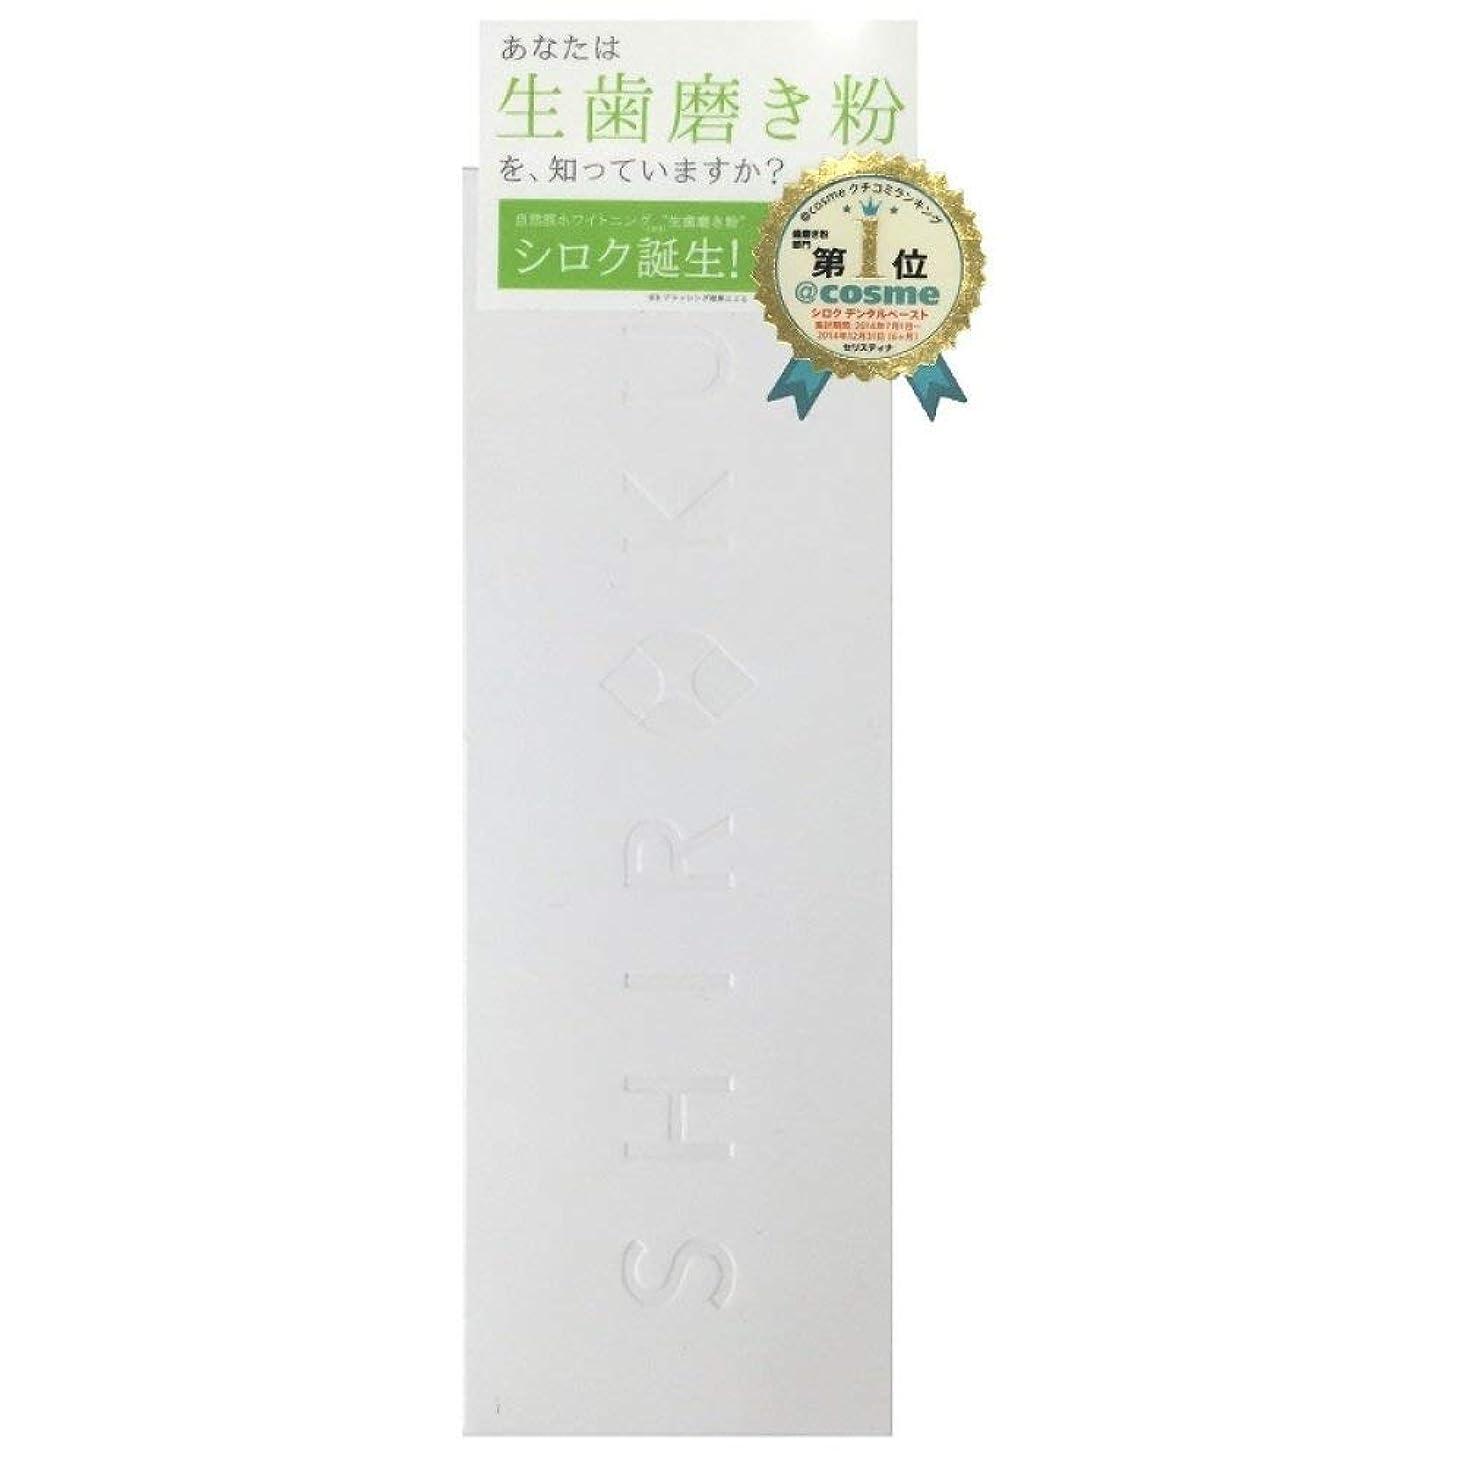 邪魔咽頭水素シロク デンタルペースト 100g10個セット